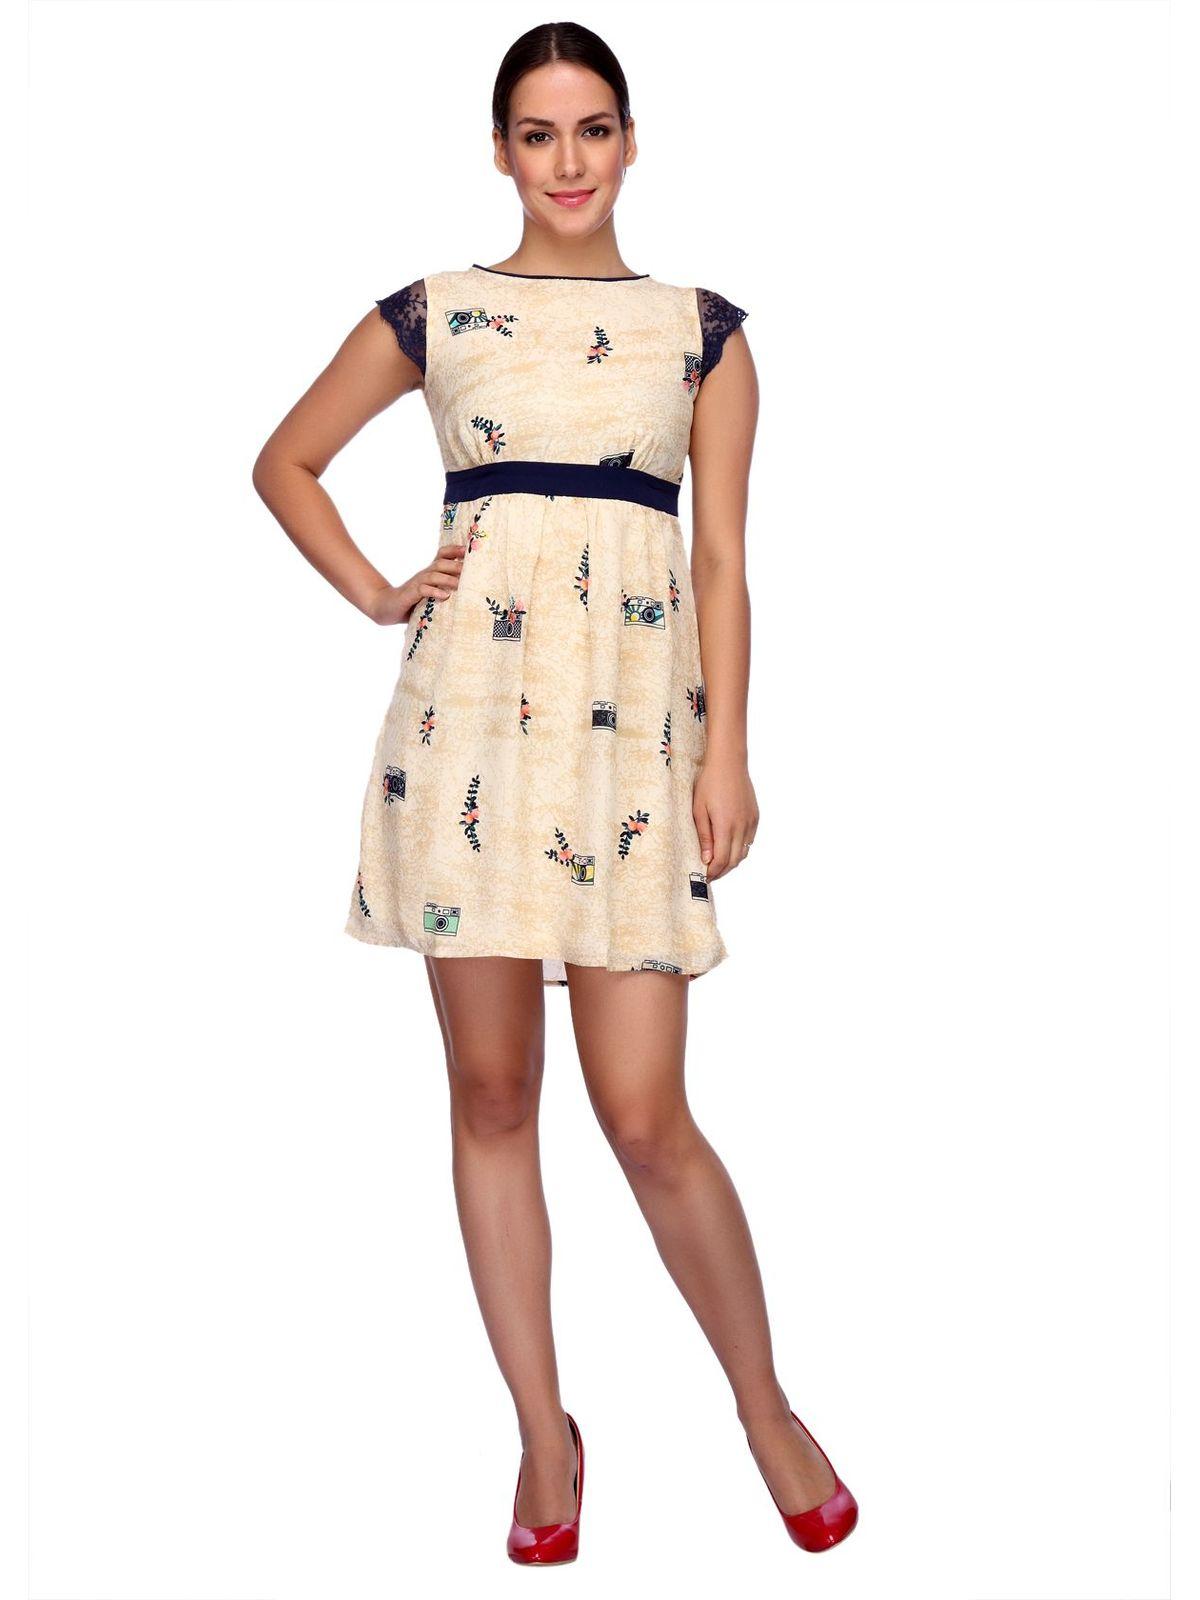 QUINTESSA 60'S DRESS